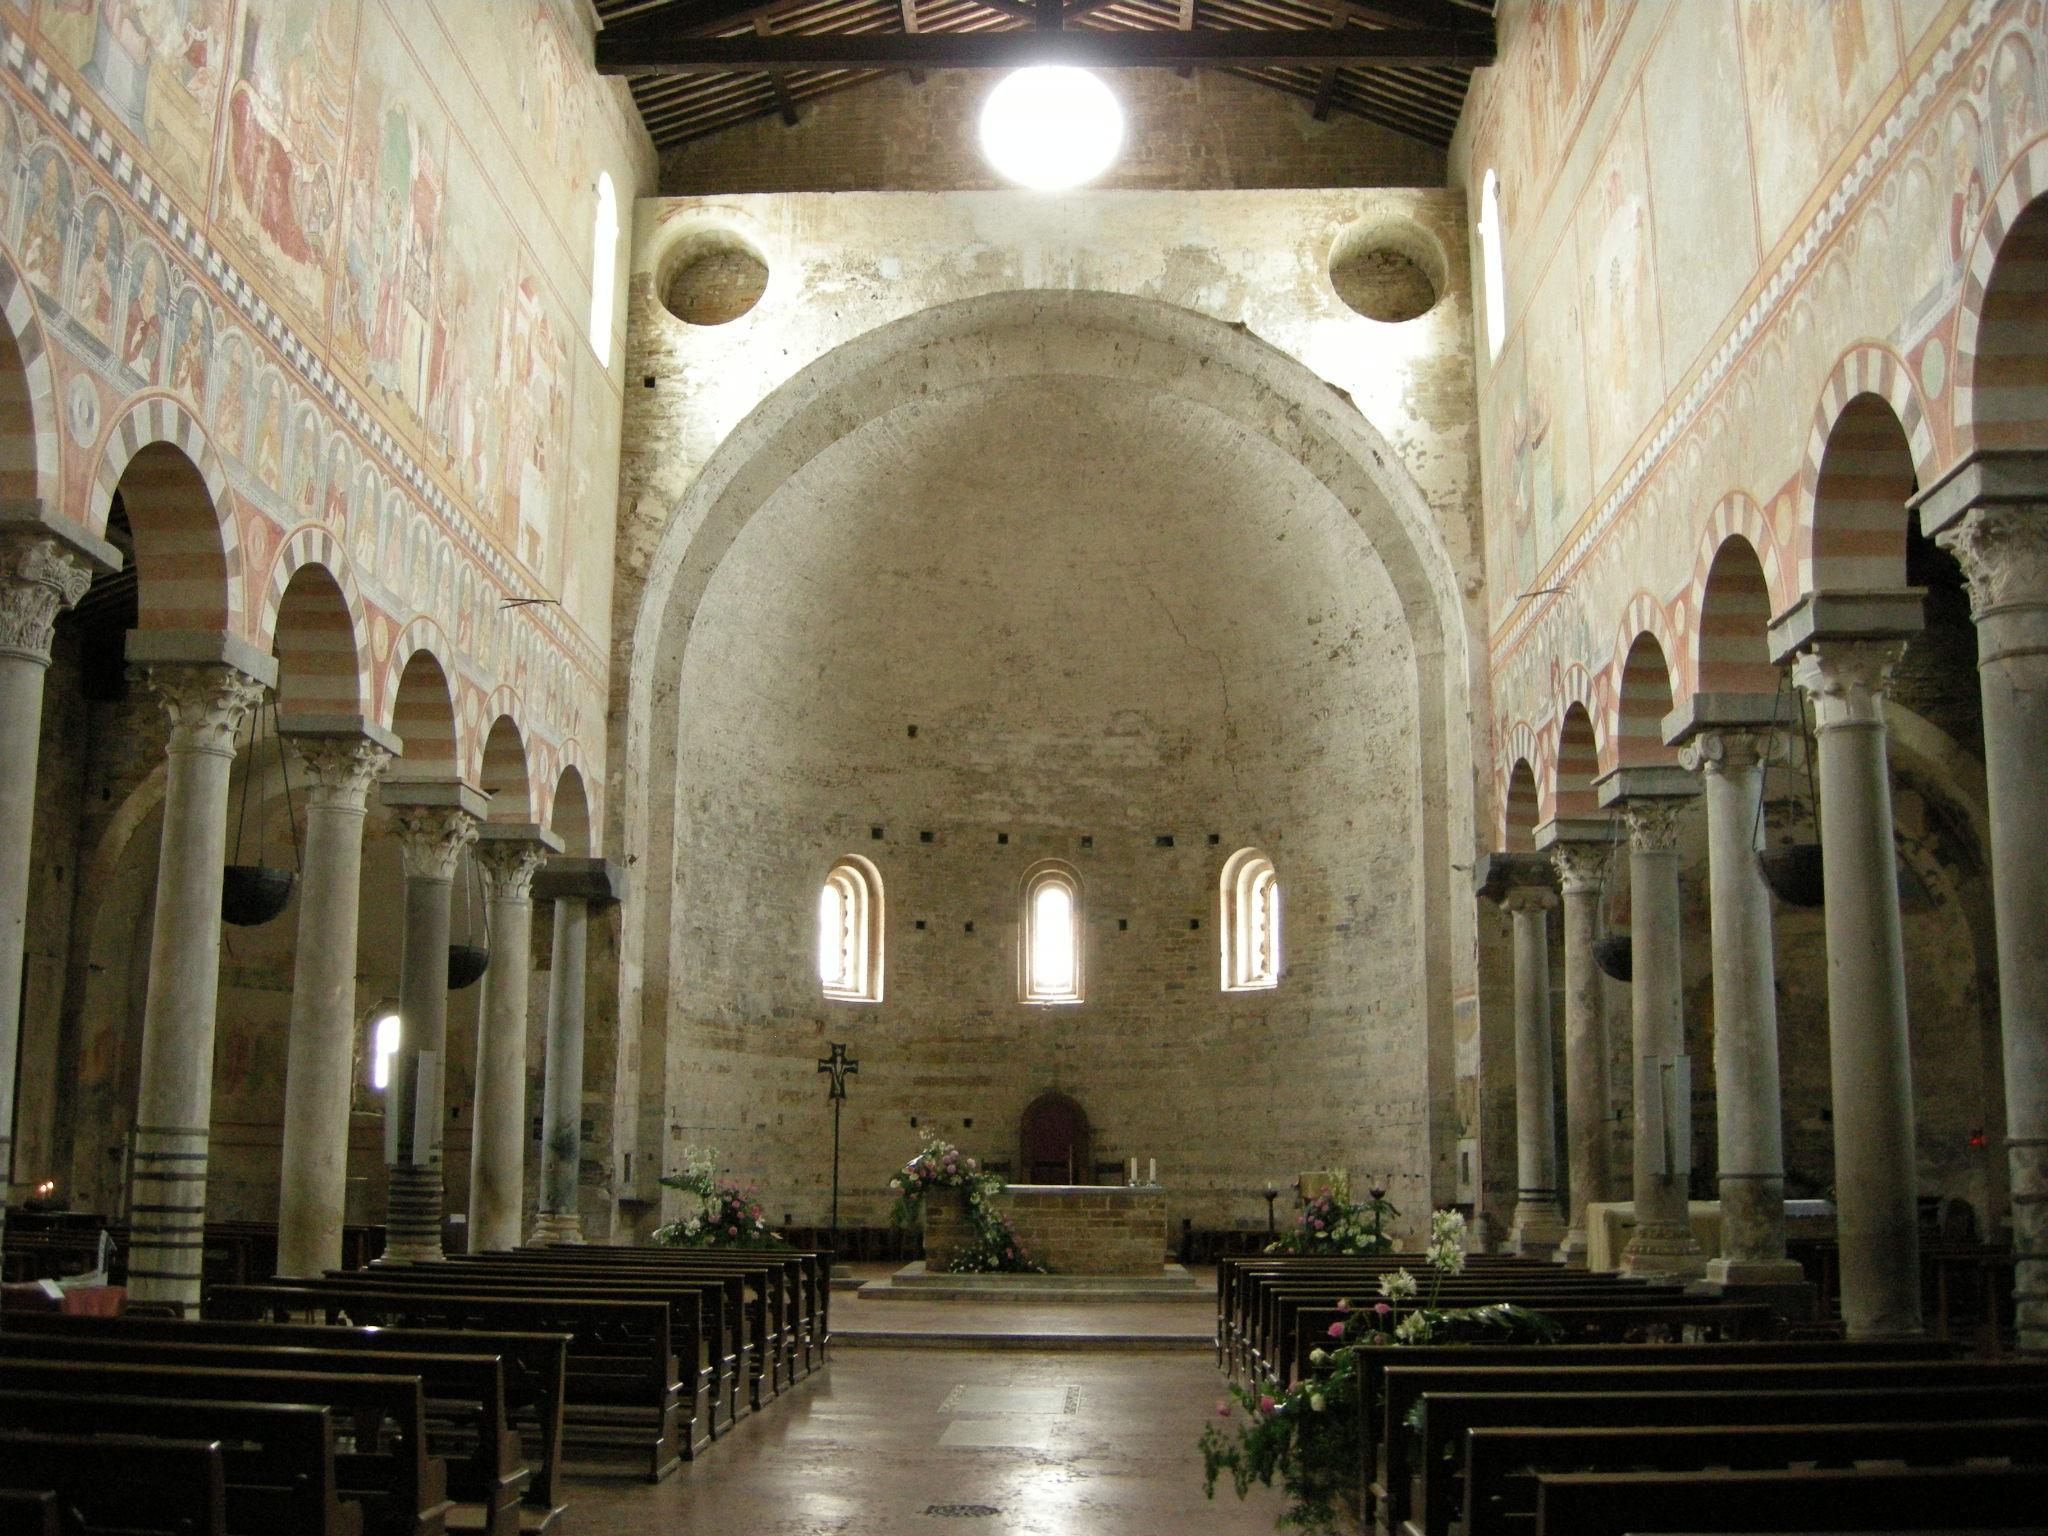 Pisa | Basilica Romanica di San Piero a Grado